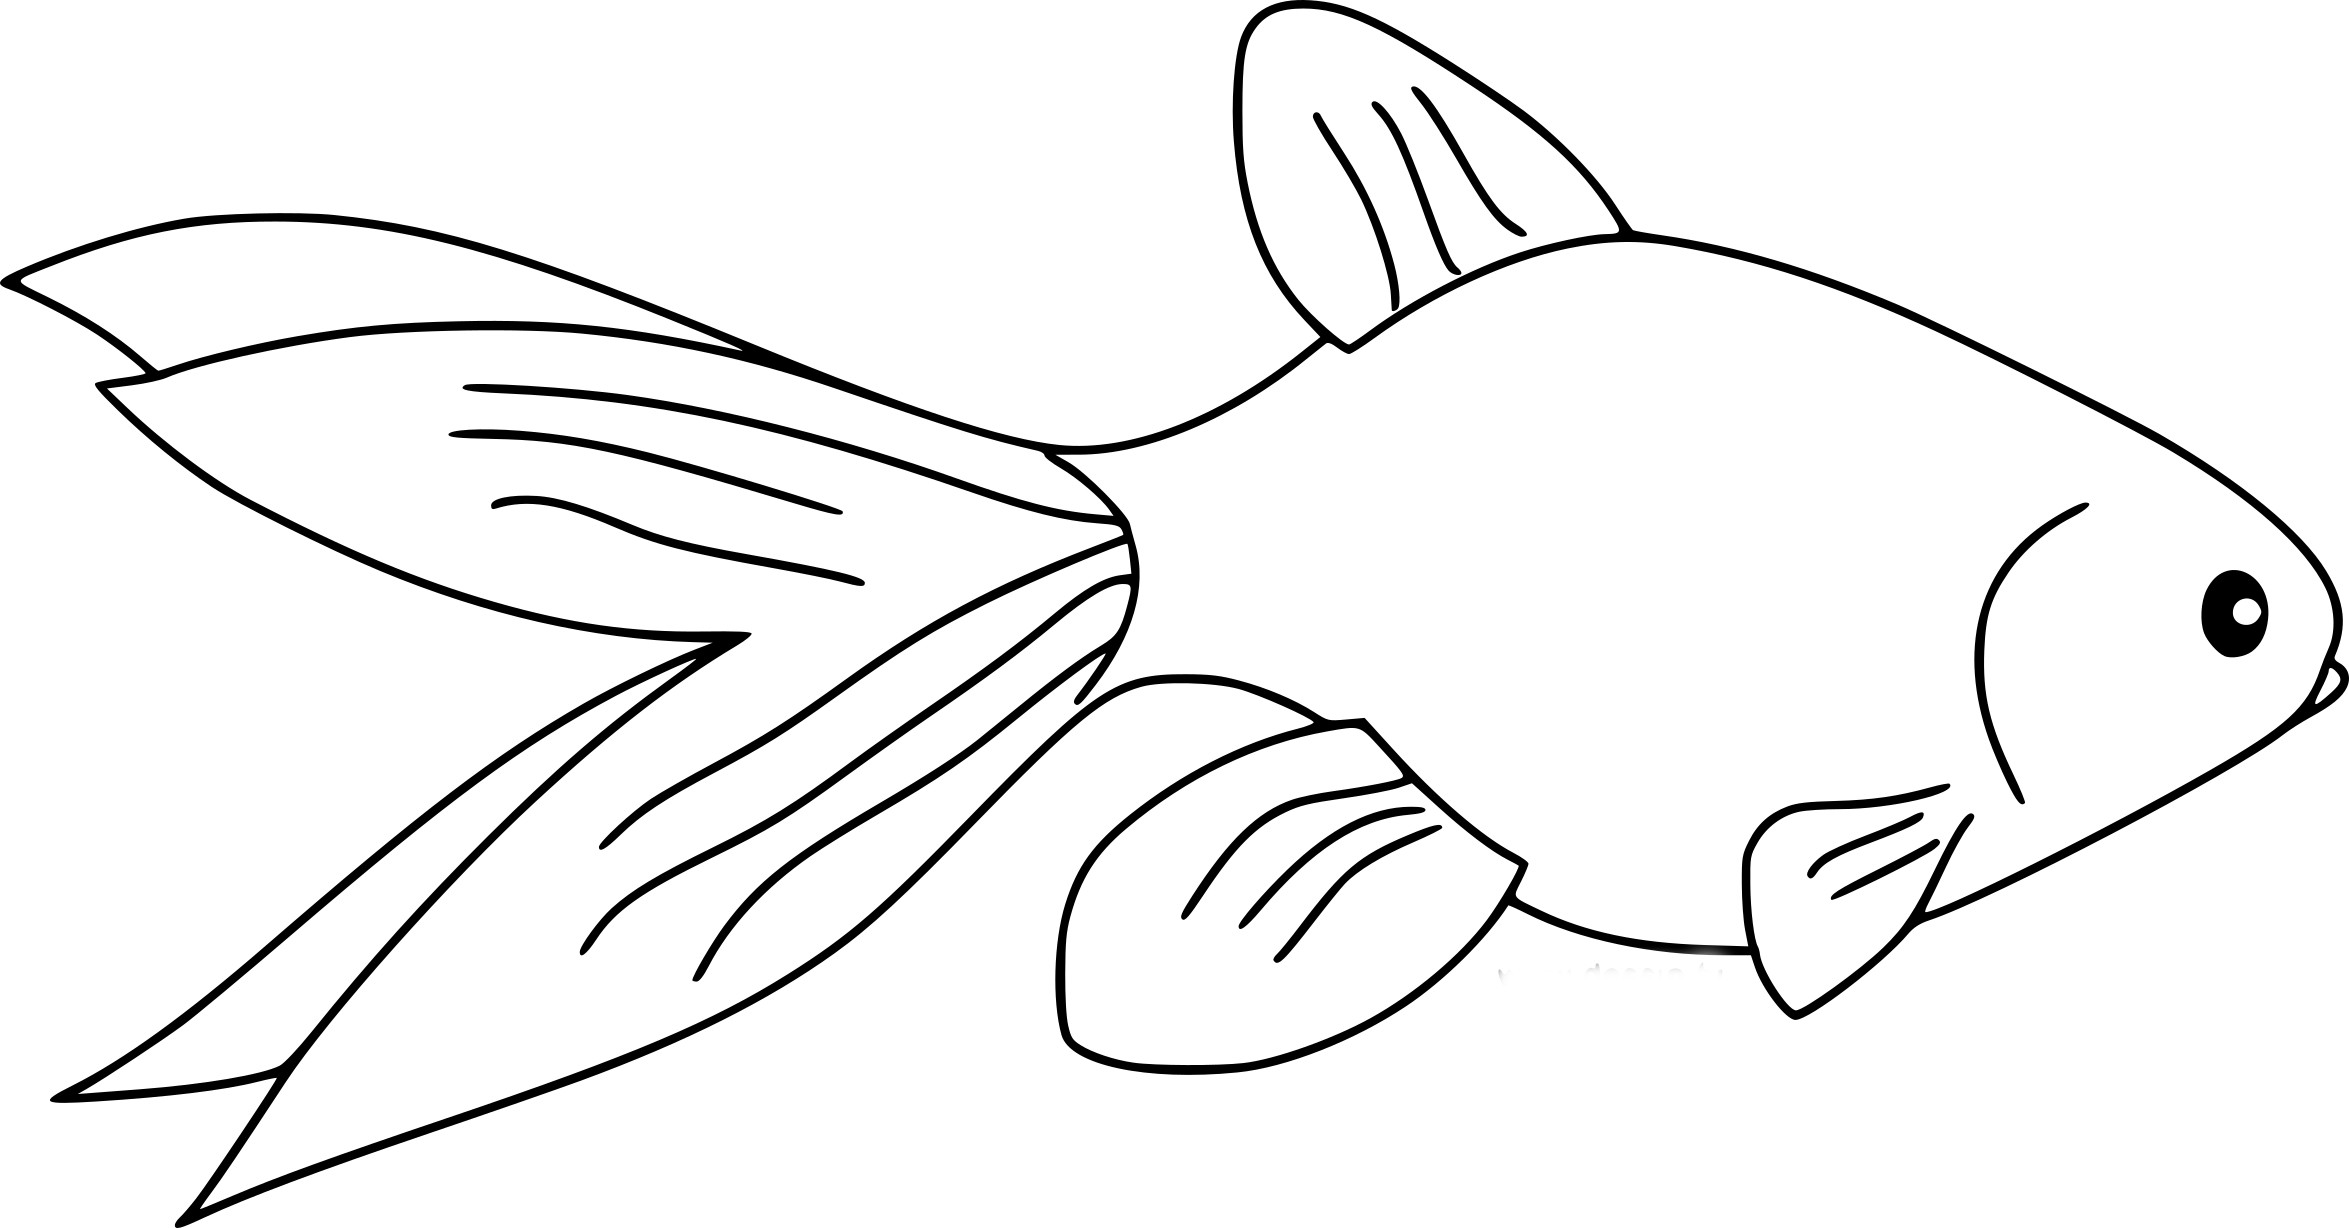 Coloriage poisson rouge imprimer - Dessin poisson ...